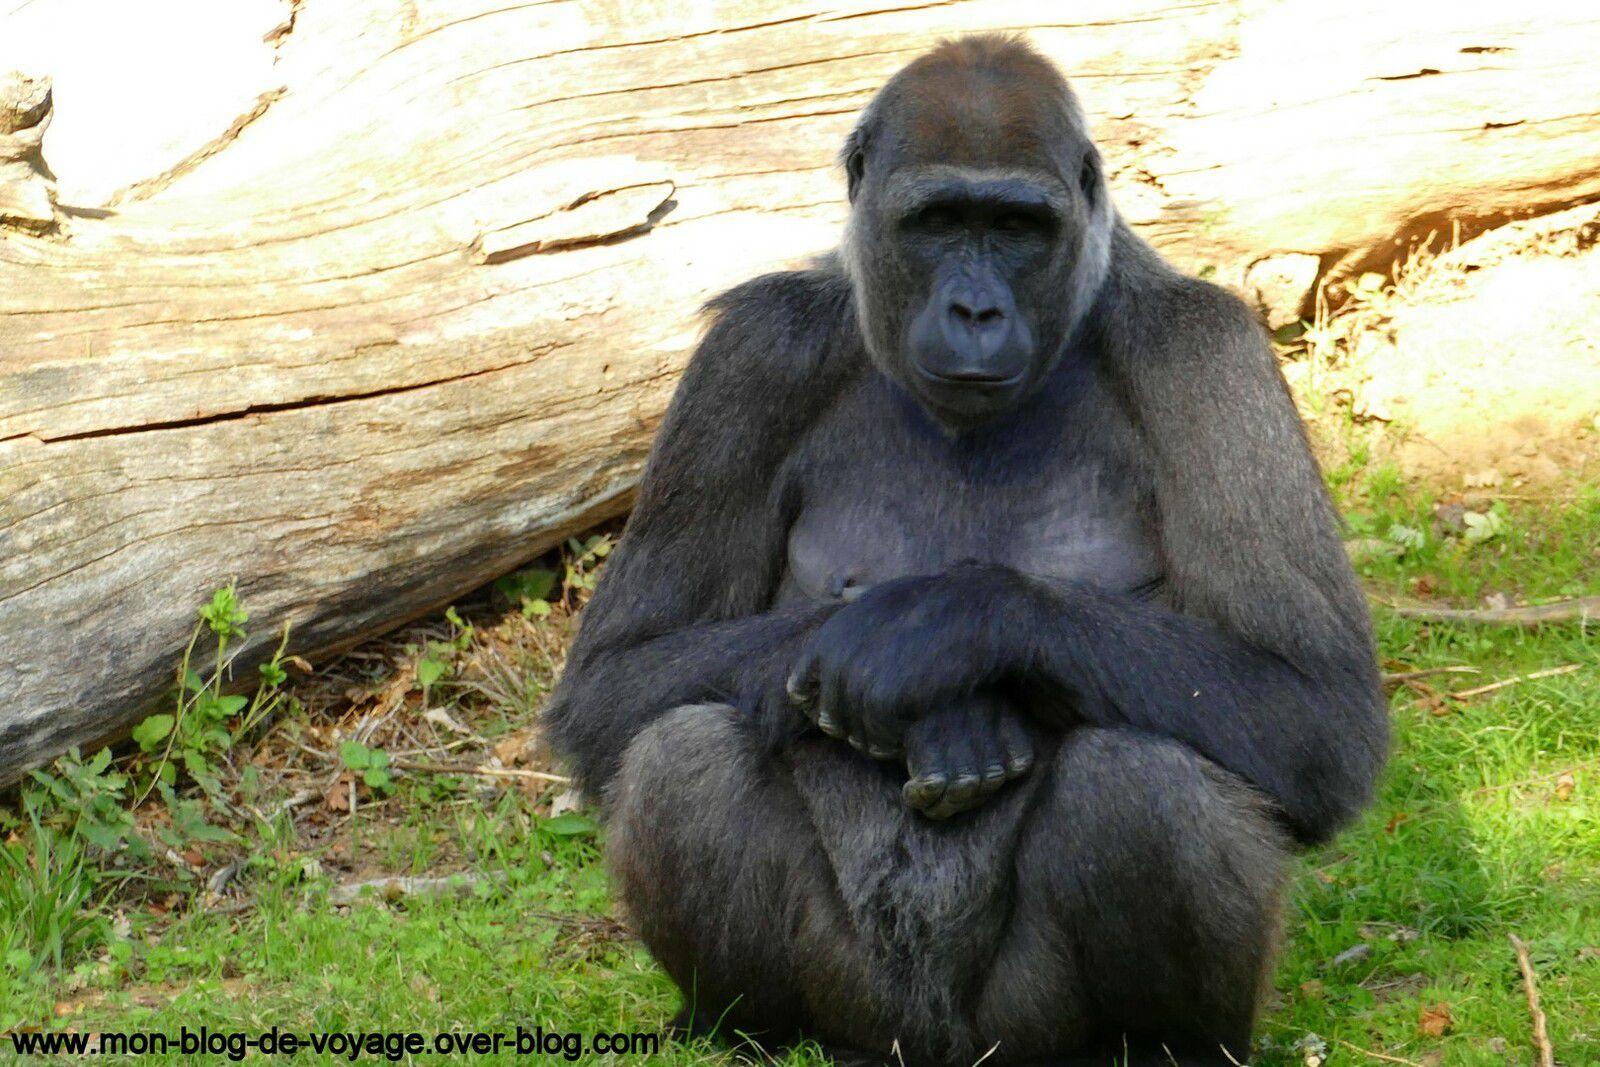 Le groupe des gorilles visibles lors des nourrissages (octobre 2020, images personnelles)